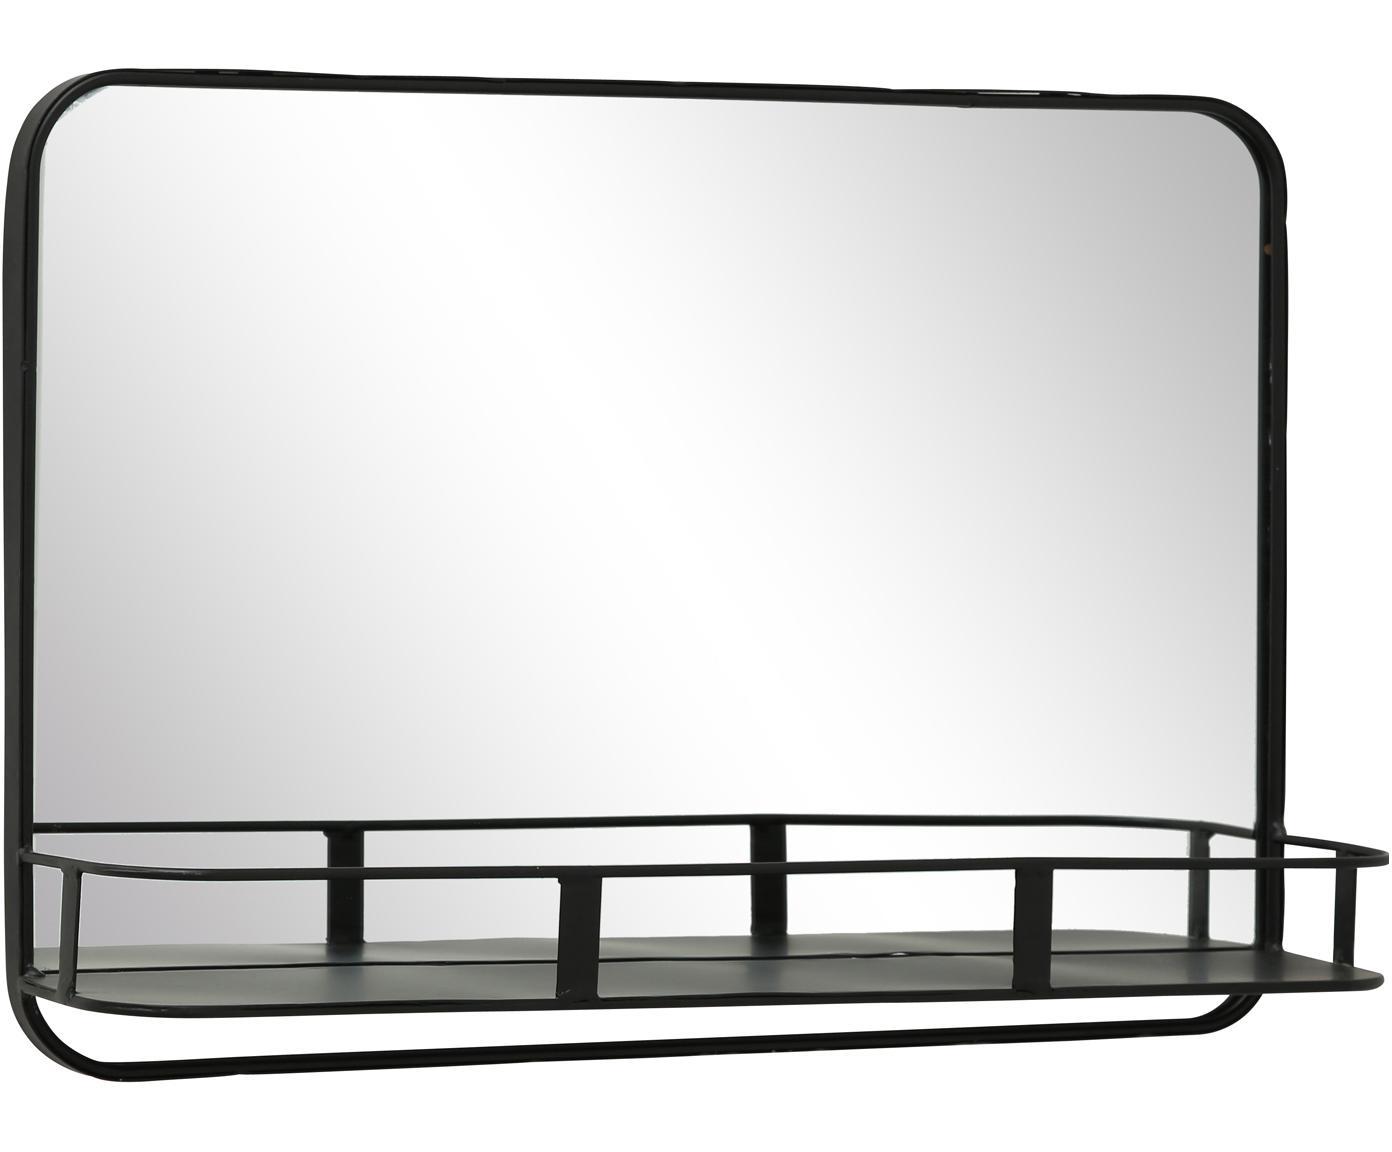 Lustro ścienne z metalową ramą Meno, Metal, szkło lustrzane, Czarny, S 50 x W 35 cm